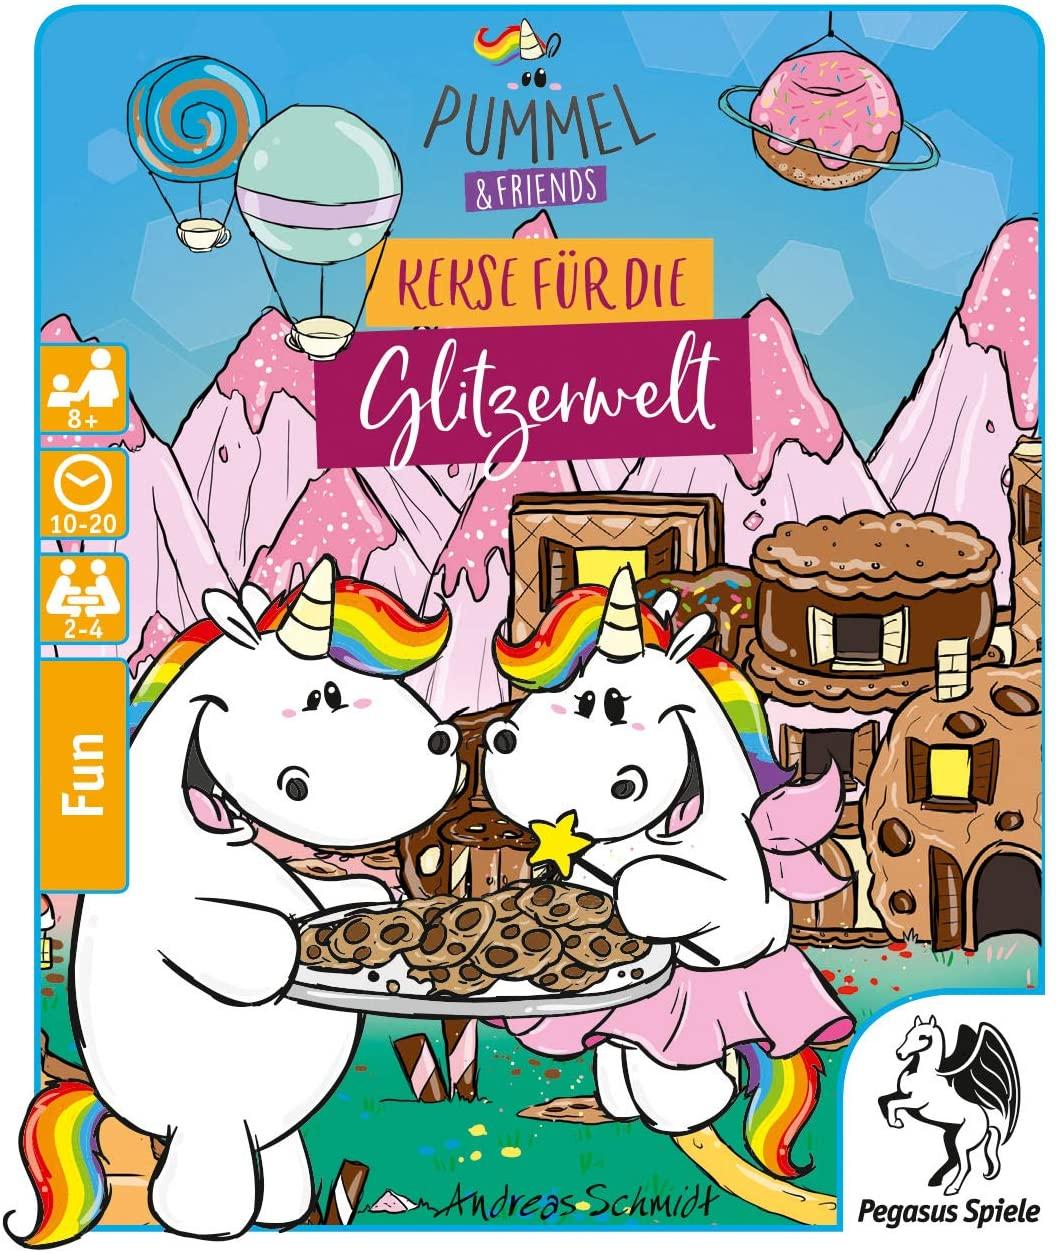 Pegasus Spiel Pummel & Friends - Kekse für die Glitzerwelt (20037G) für 2,97€ (Amazon Prime)